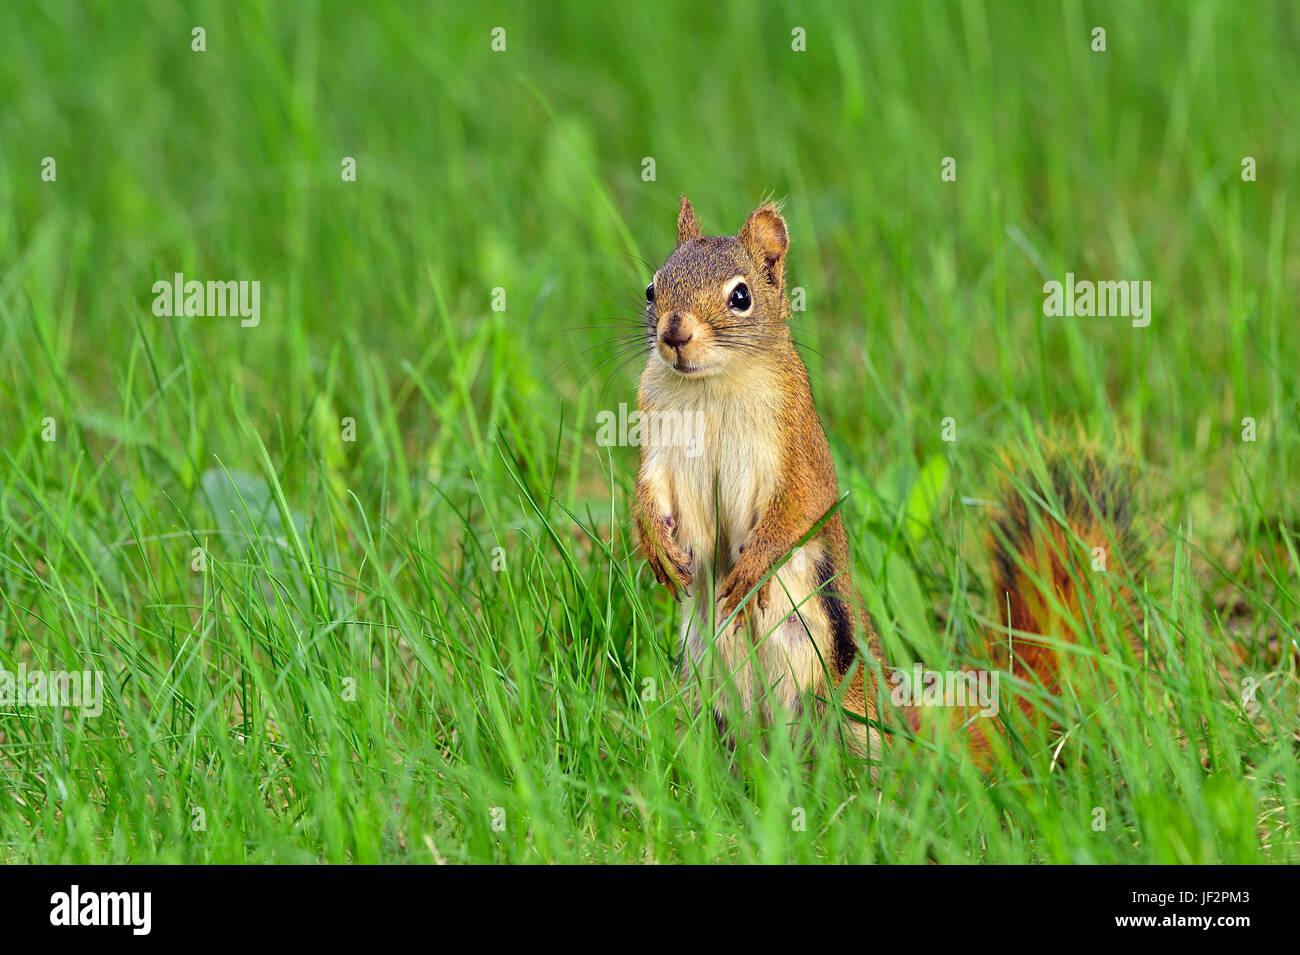 Ein Eichhörnchen Tamiasciurus Hudsonicus; stehend auf den hinteren Beinen, ich freue mich in dem tiefen Rasen Stockbild